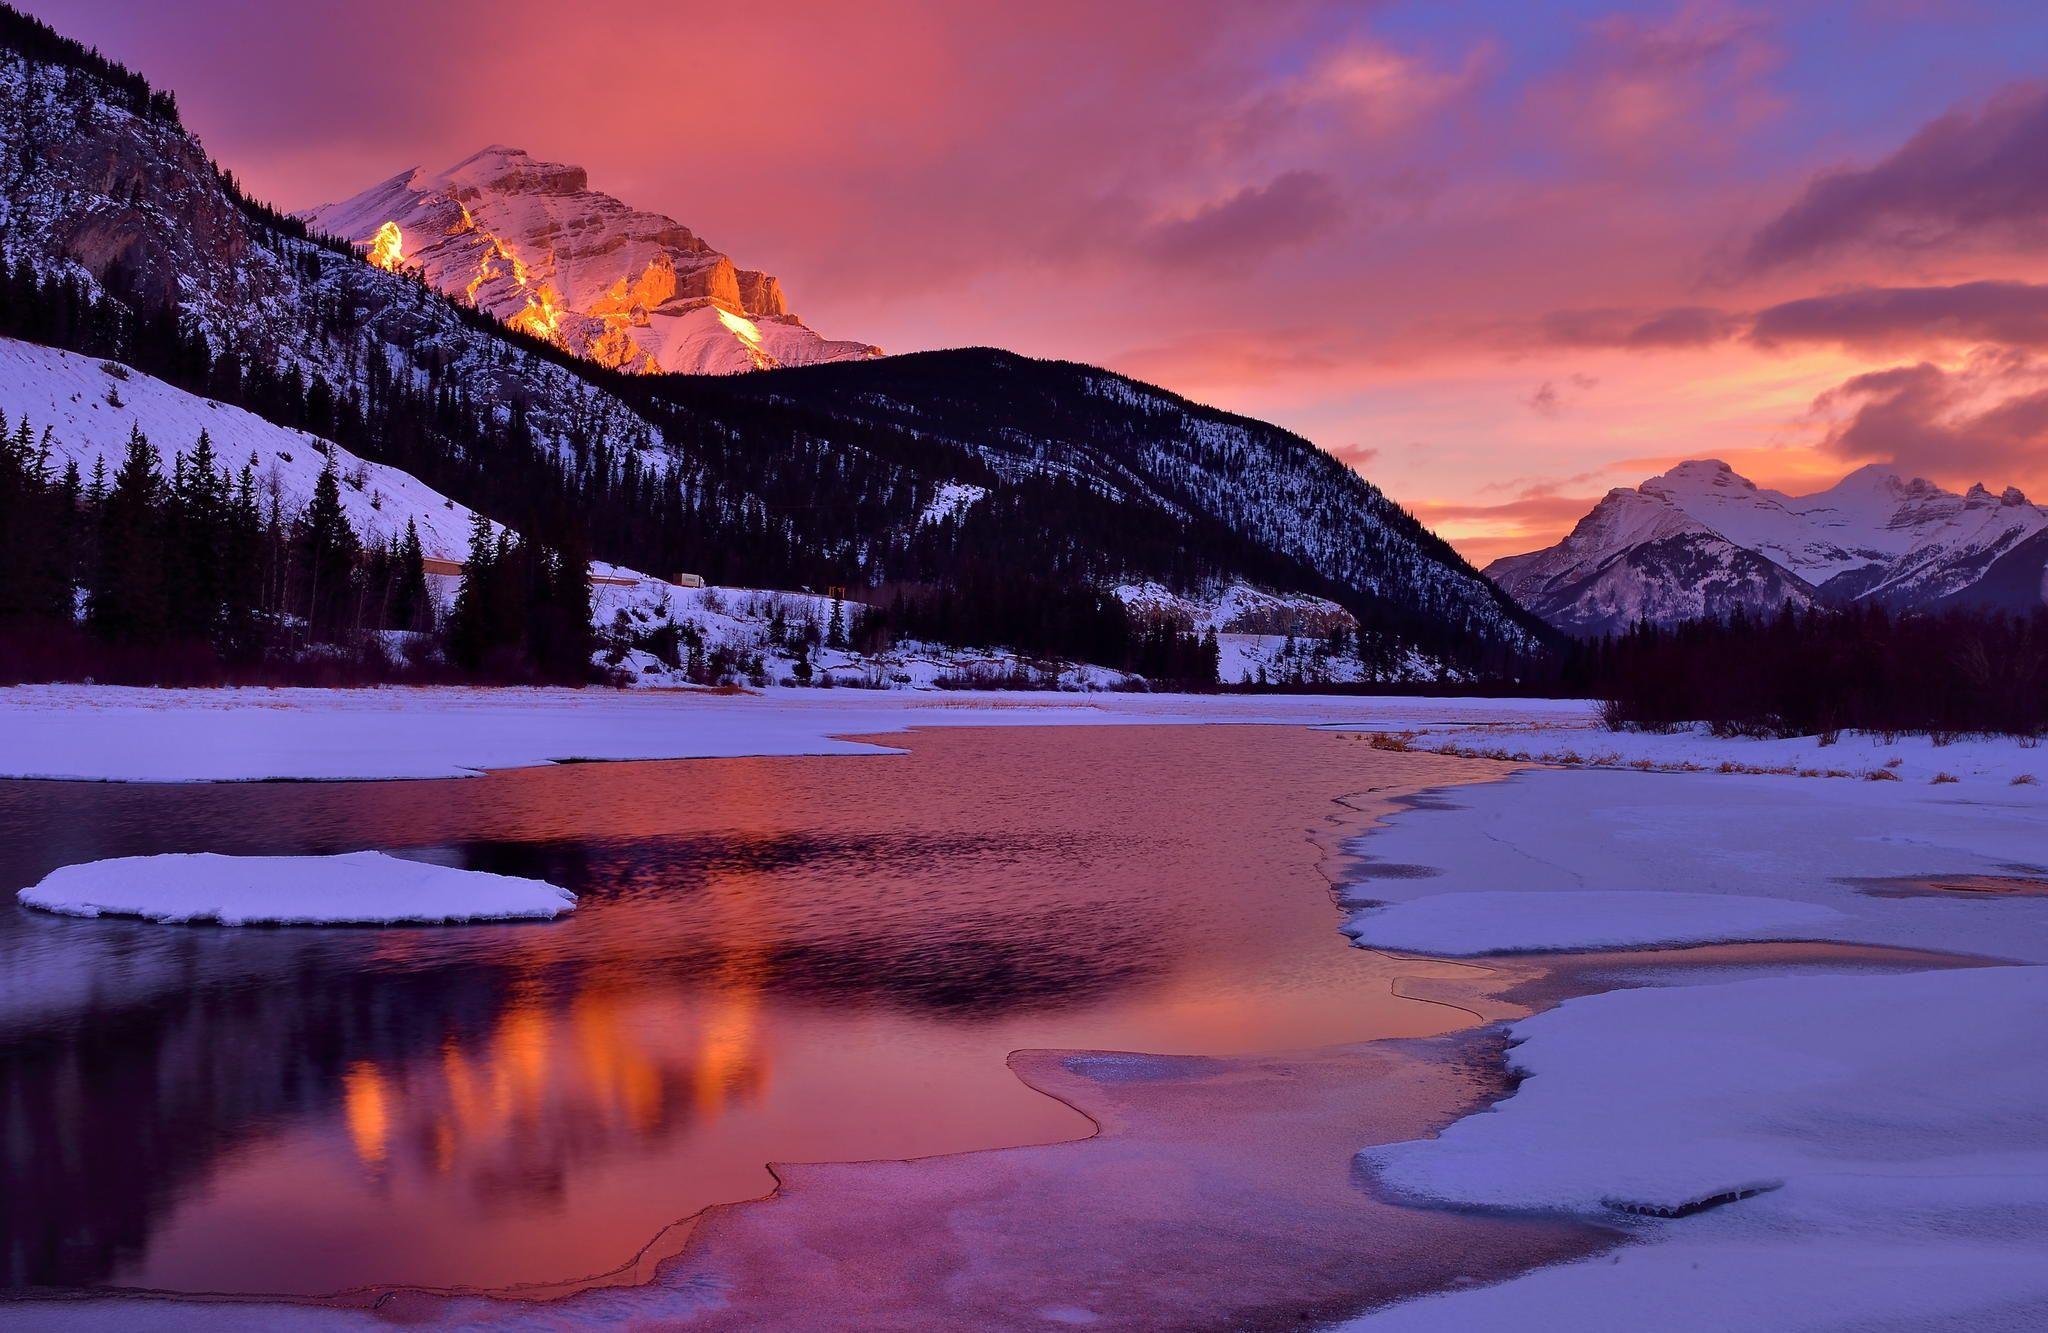 Αποτέλεσμα εικόνας για paisajes de montañas con nieve